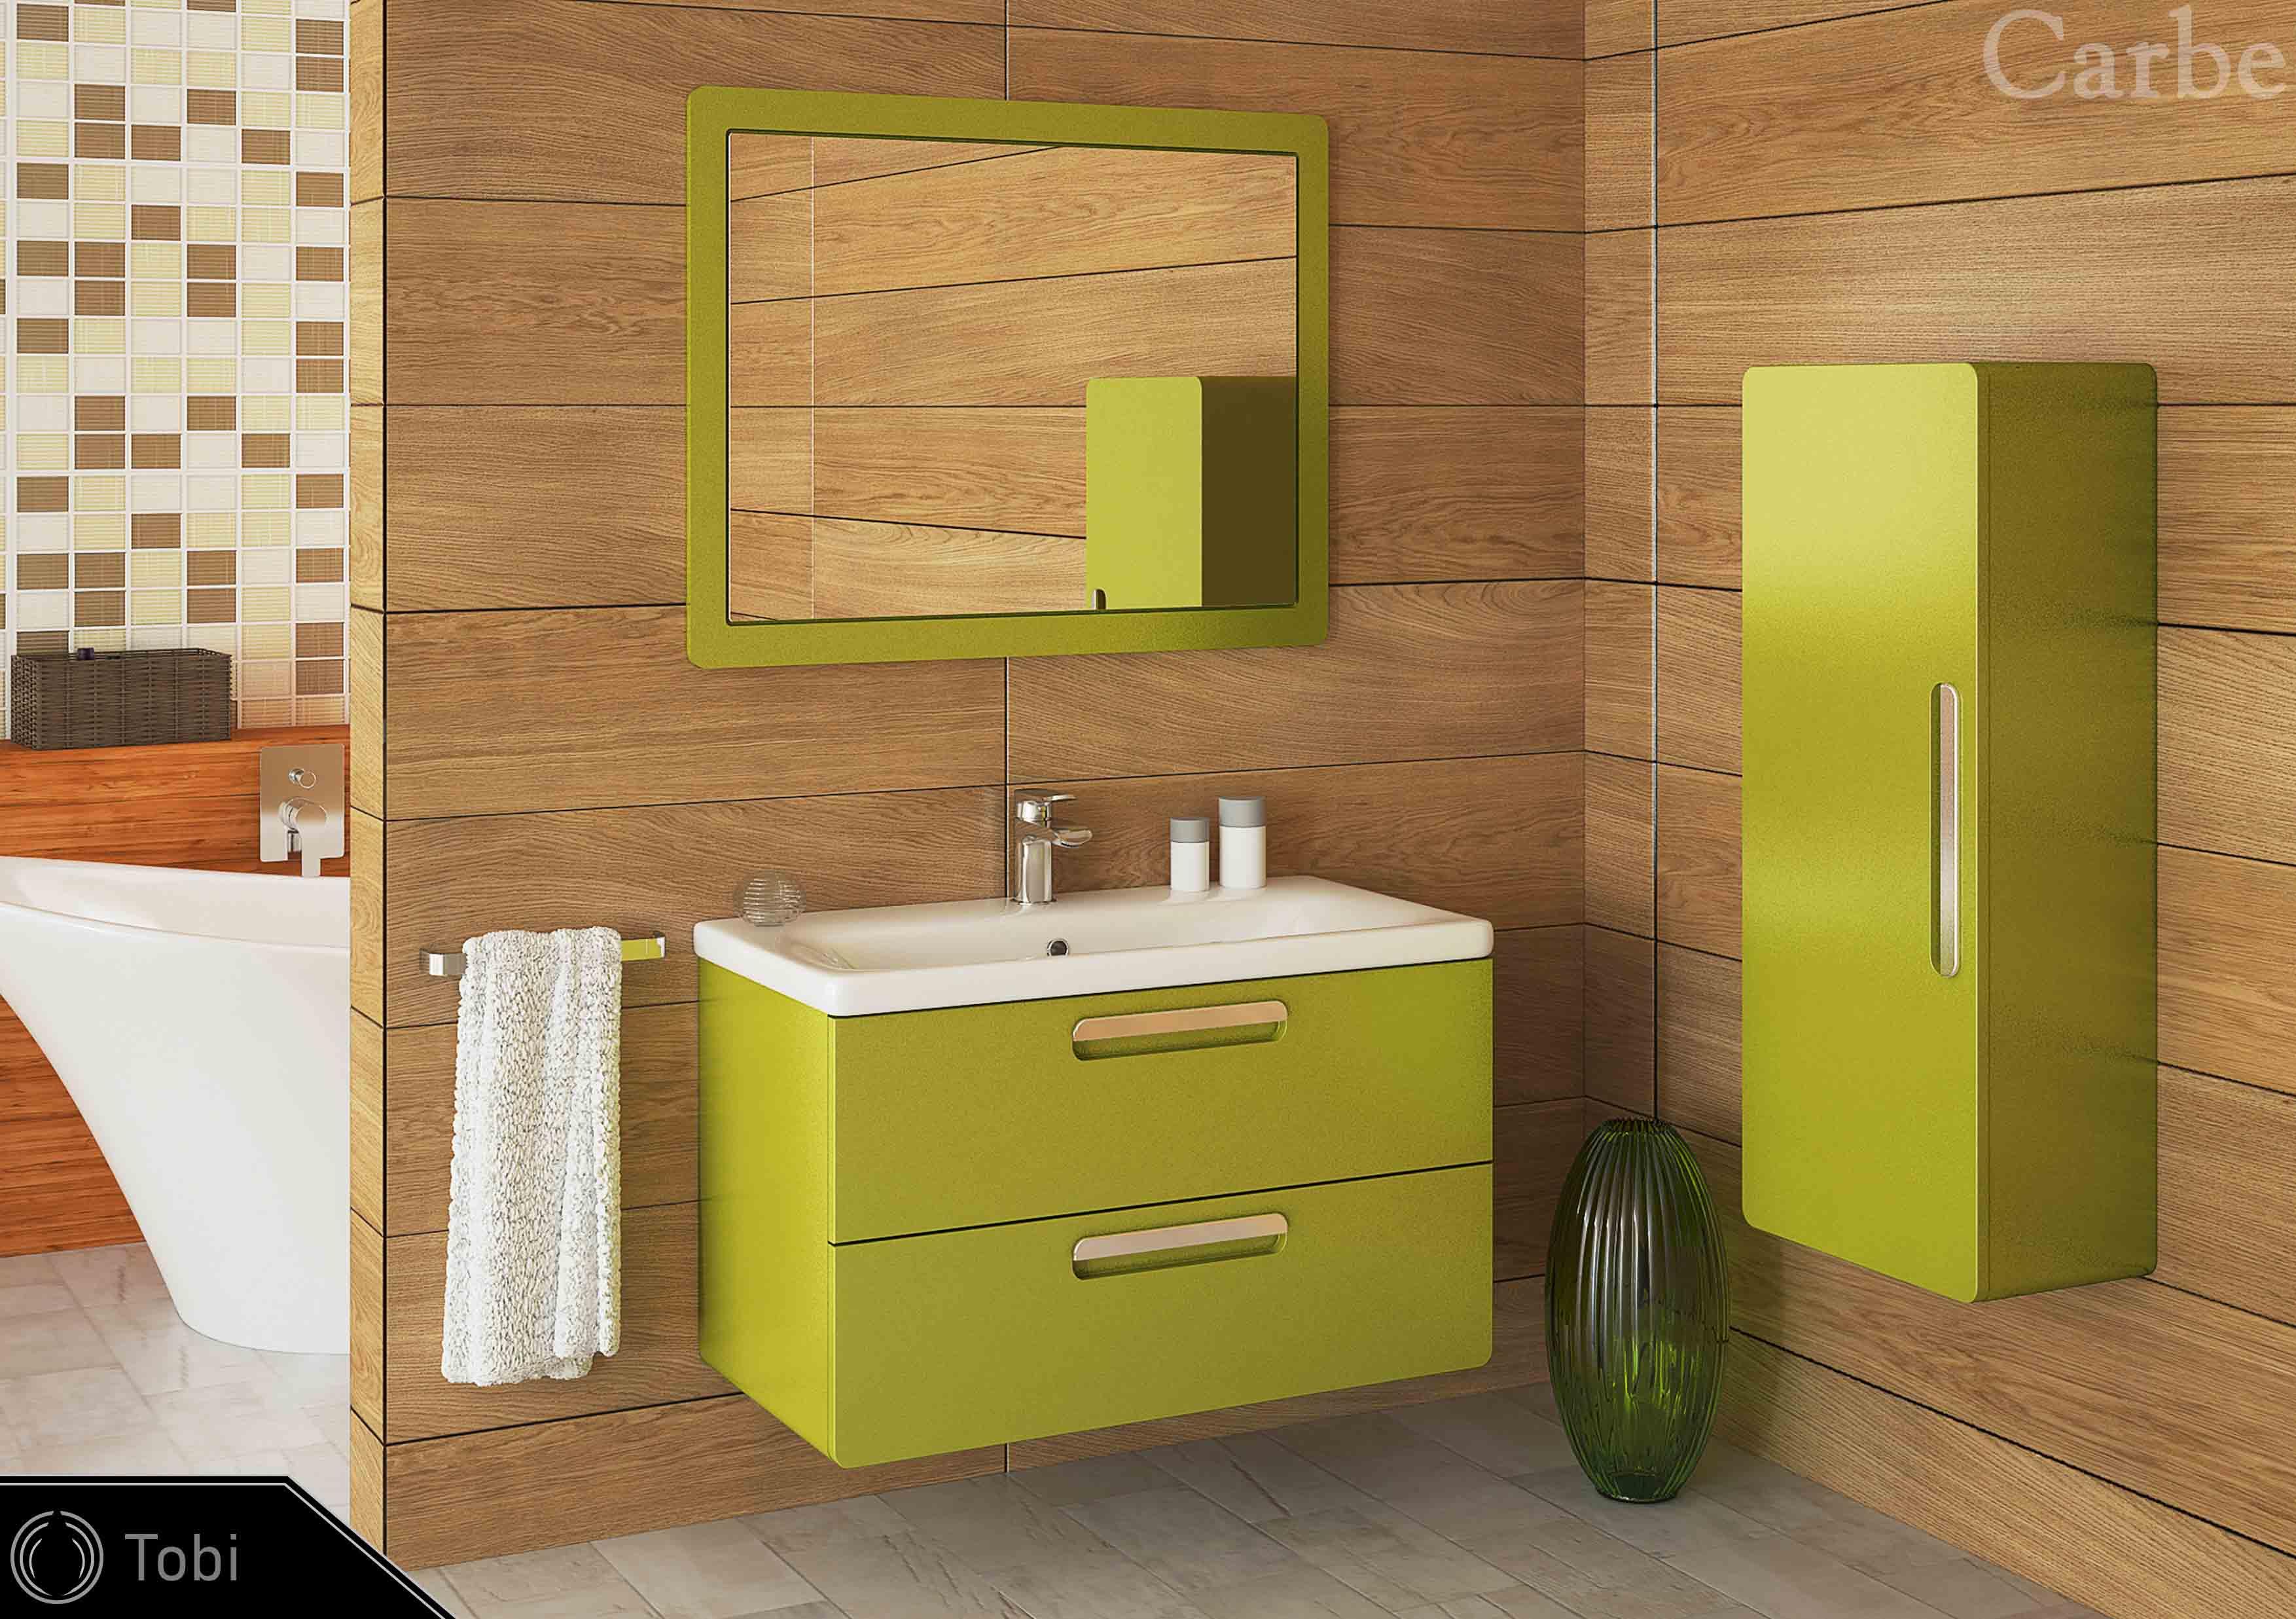 Tobi - Pistasch Grön HG